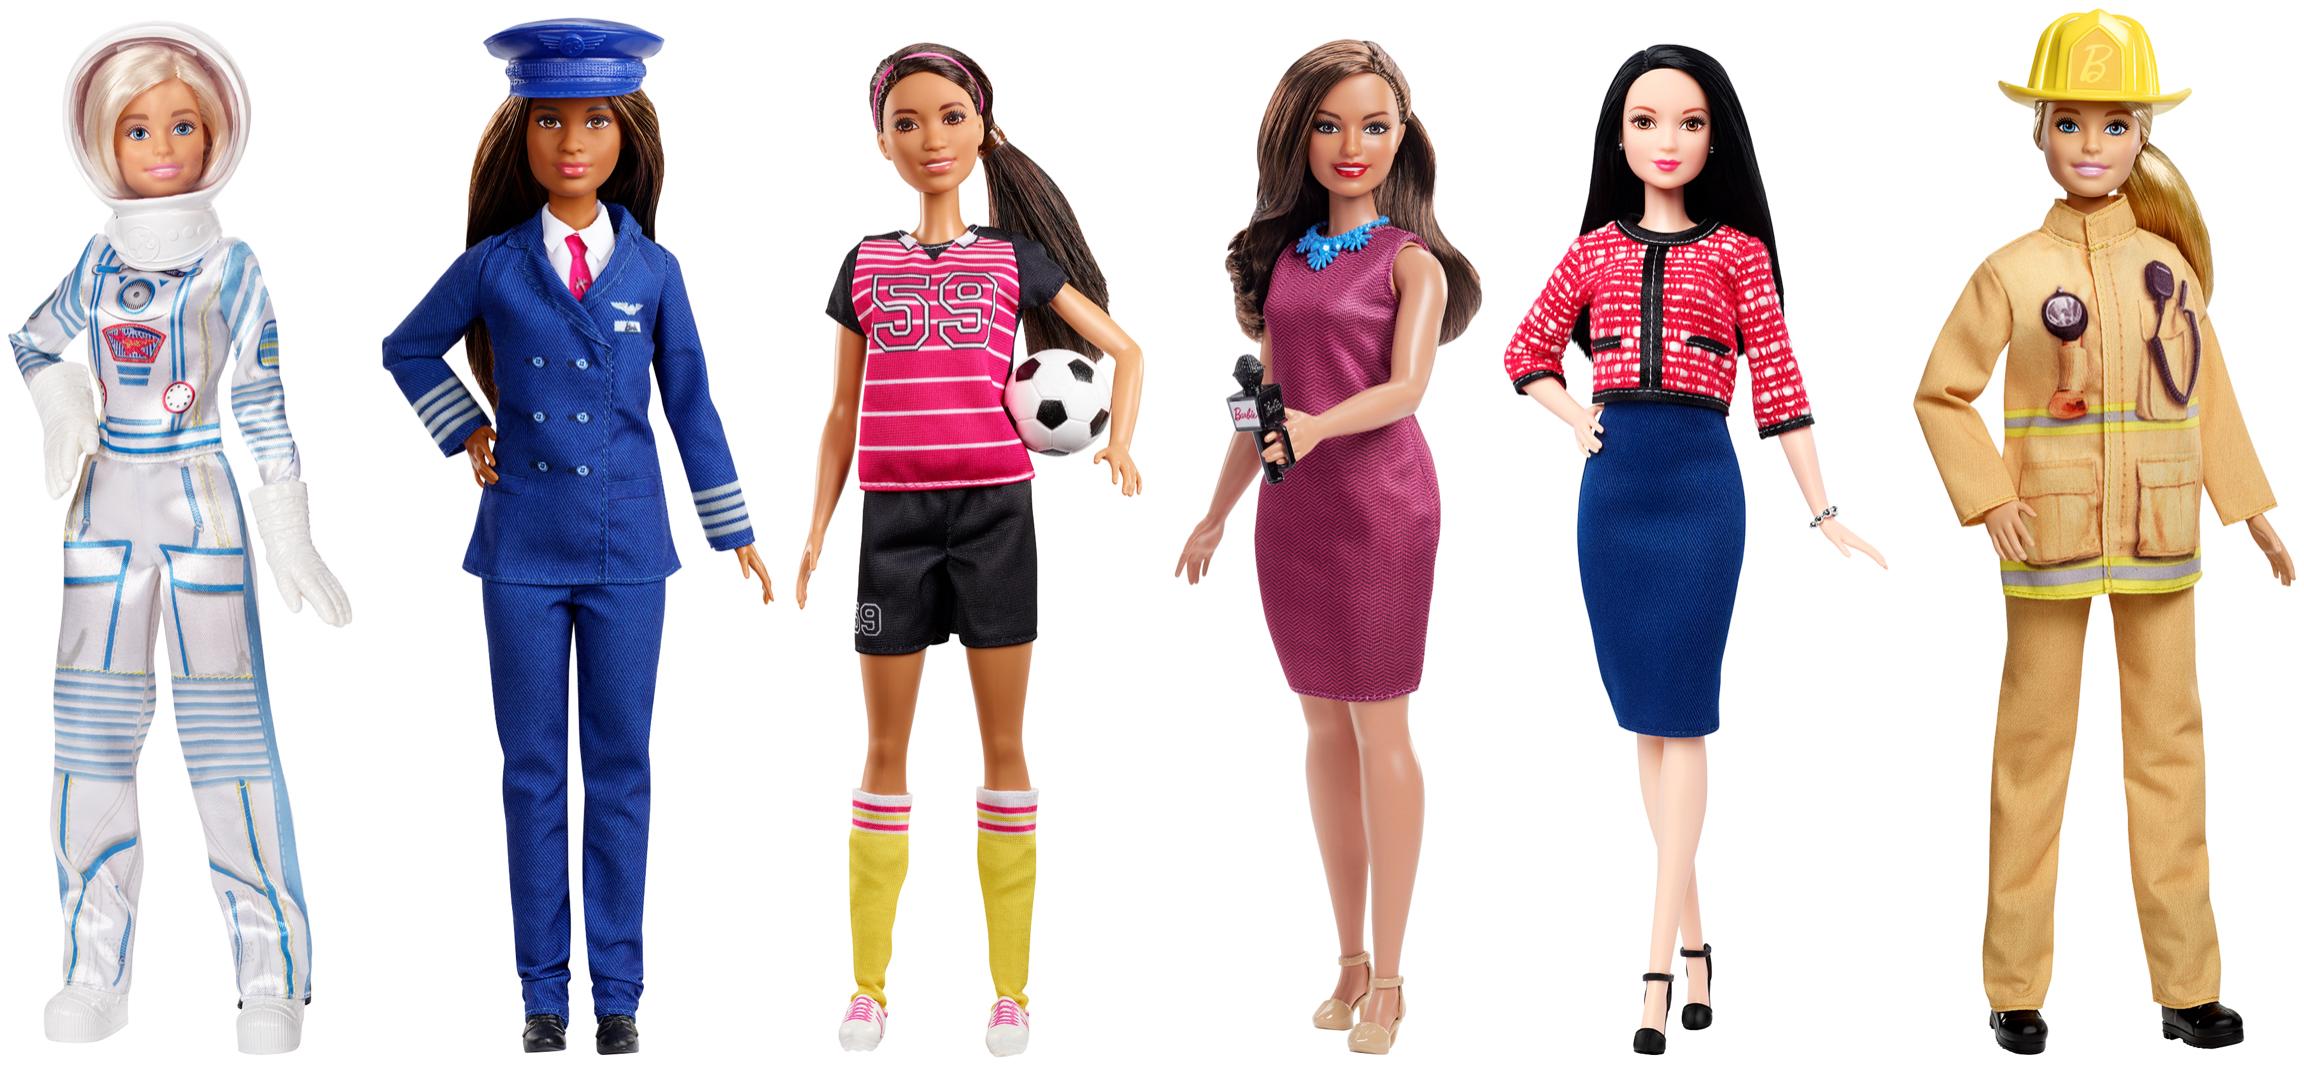 Novas bonecas da Barbie prestigiam outras profissões